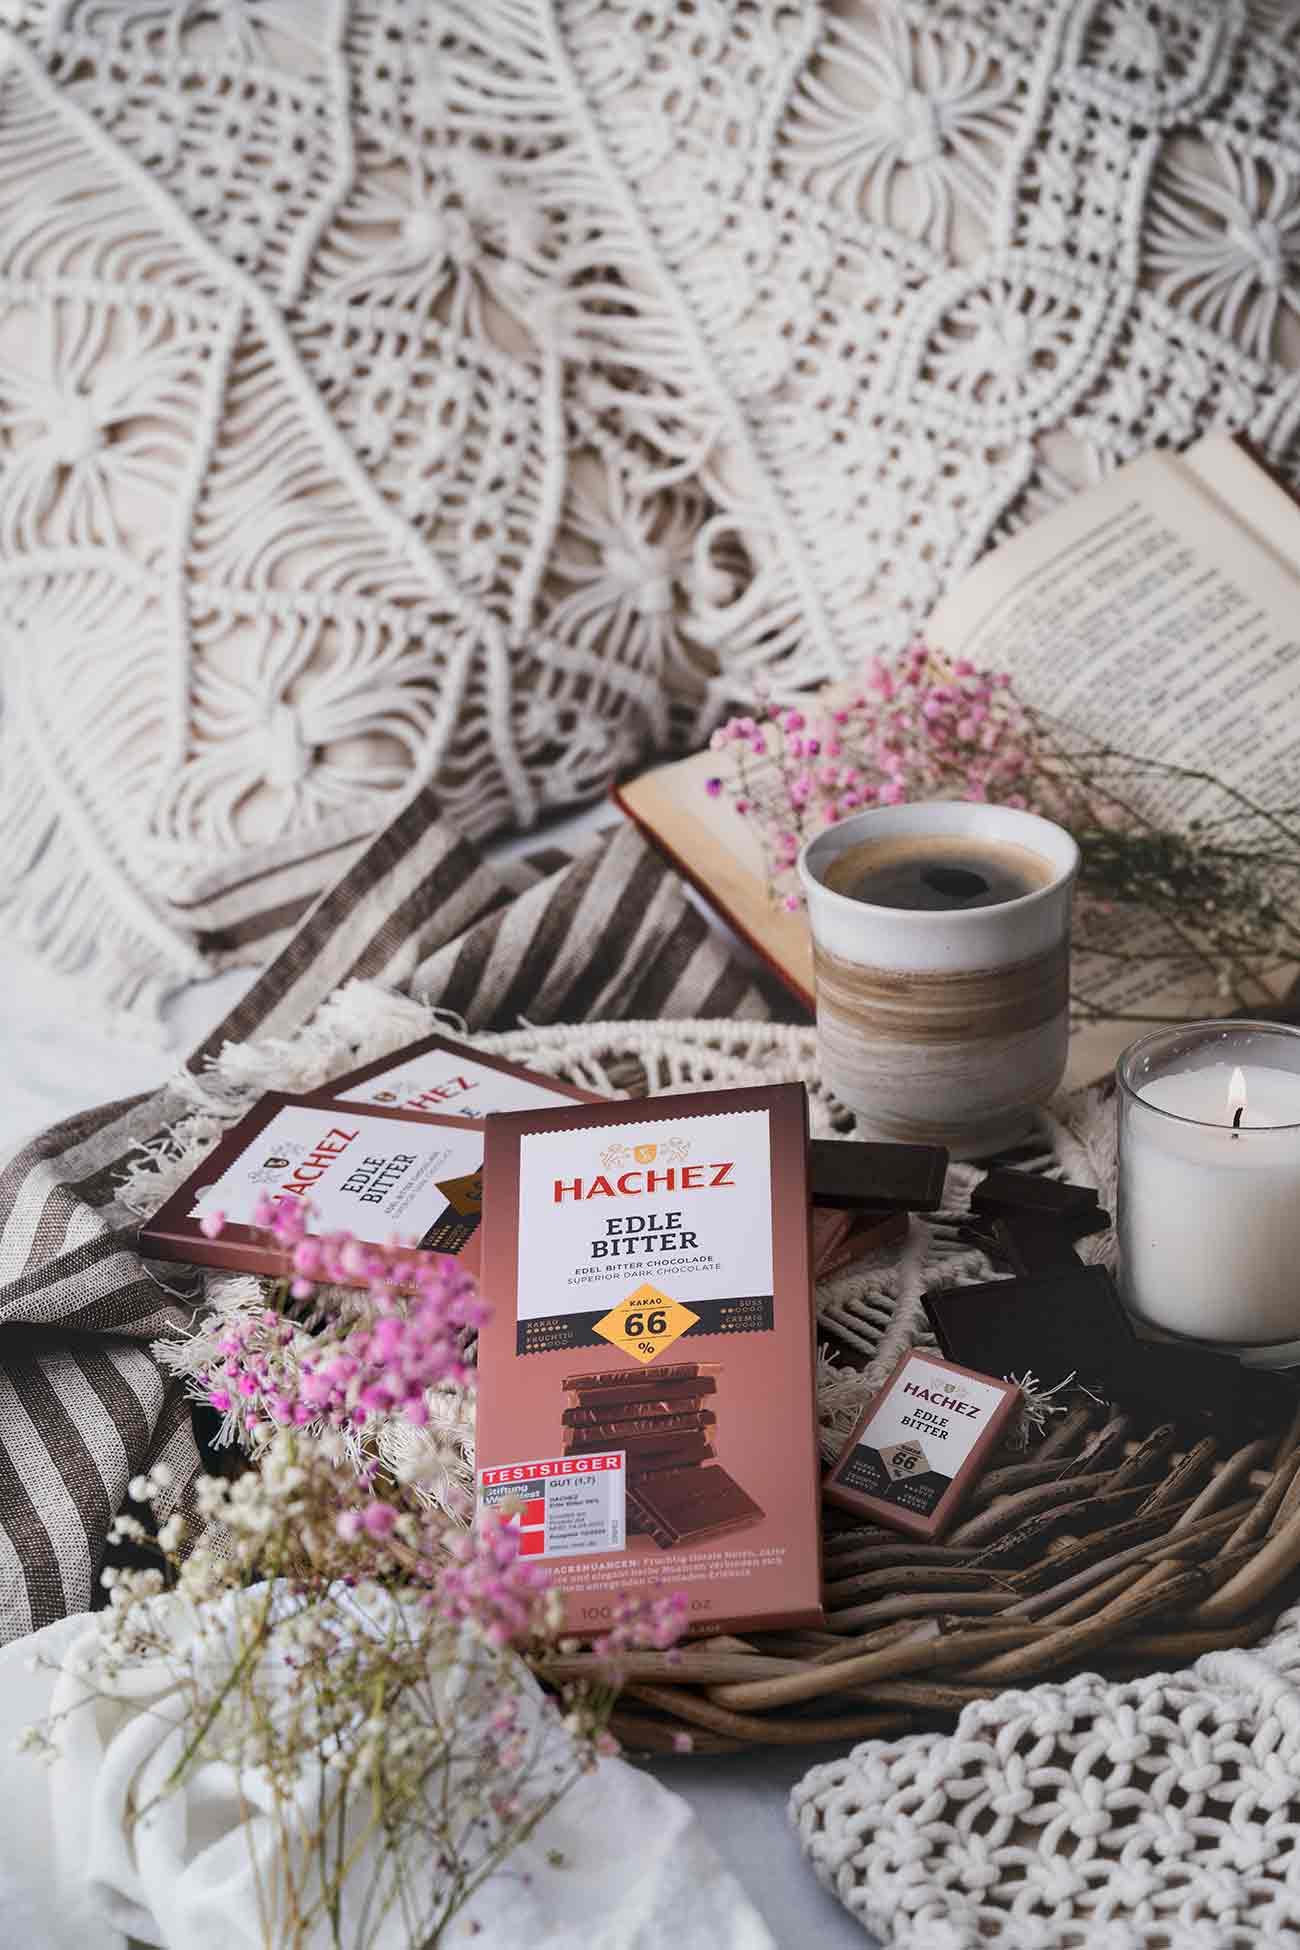 Die HACHEZ Edle Bitter mit 66 % Kakaoanteil hat es geschafft und wurde als Sieger mit der Note 1,7 der Stiftung Warentest ausgezeichnet. Wenn das mal kein Grund zum Feiern ist. Ich bin noch nicht lange Fan von dunkler Schokolade und musste den Genuss der starken, aromatischen Kakaonote erst einmal lieben lernen. Wenn man sich aber darauf einlässt, nur mal den Geschmack zu erkunden, ist es ganz einfach, dunkle Schokolade lieben zu lernen.  Heute genieße ich den Geschmack am liebsten bei einem guten Buch und einer Tasse Kaffee. Ich mag es, wenn die Edle Bitter ganz langsam auf der Zunge schmilzt und eine leichte Vanille Note hinterlässt. Meist reichen mir 1-2 Stücke Schokolade schon aus, um mein Verlangen zu stillen. Probiert es unbedingt mal aus.